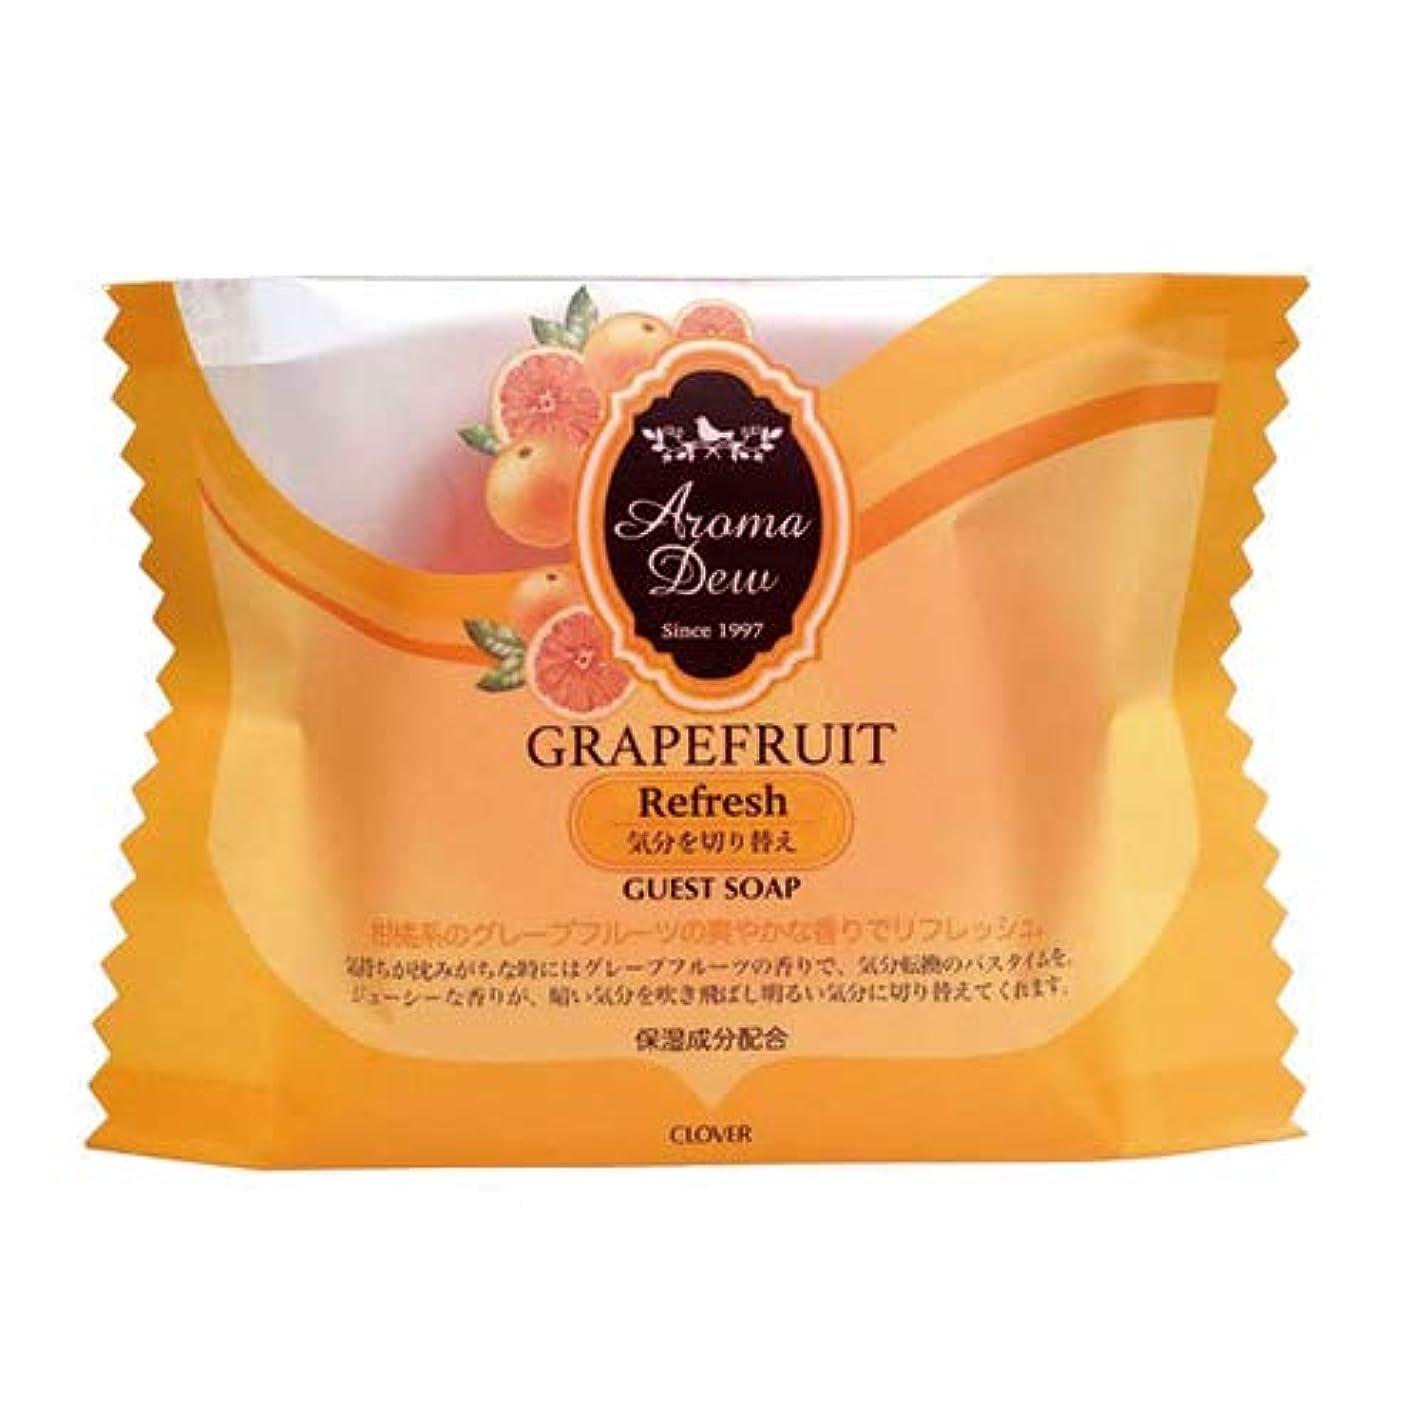 非常に怒っています忌まわしい出来事クロバーコーポレーション アロマデュウ グリセリンゲストソープ グレープフルーツ 35g ×4個セット